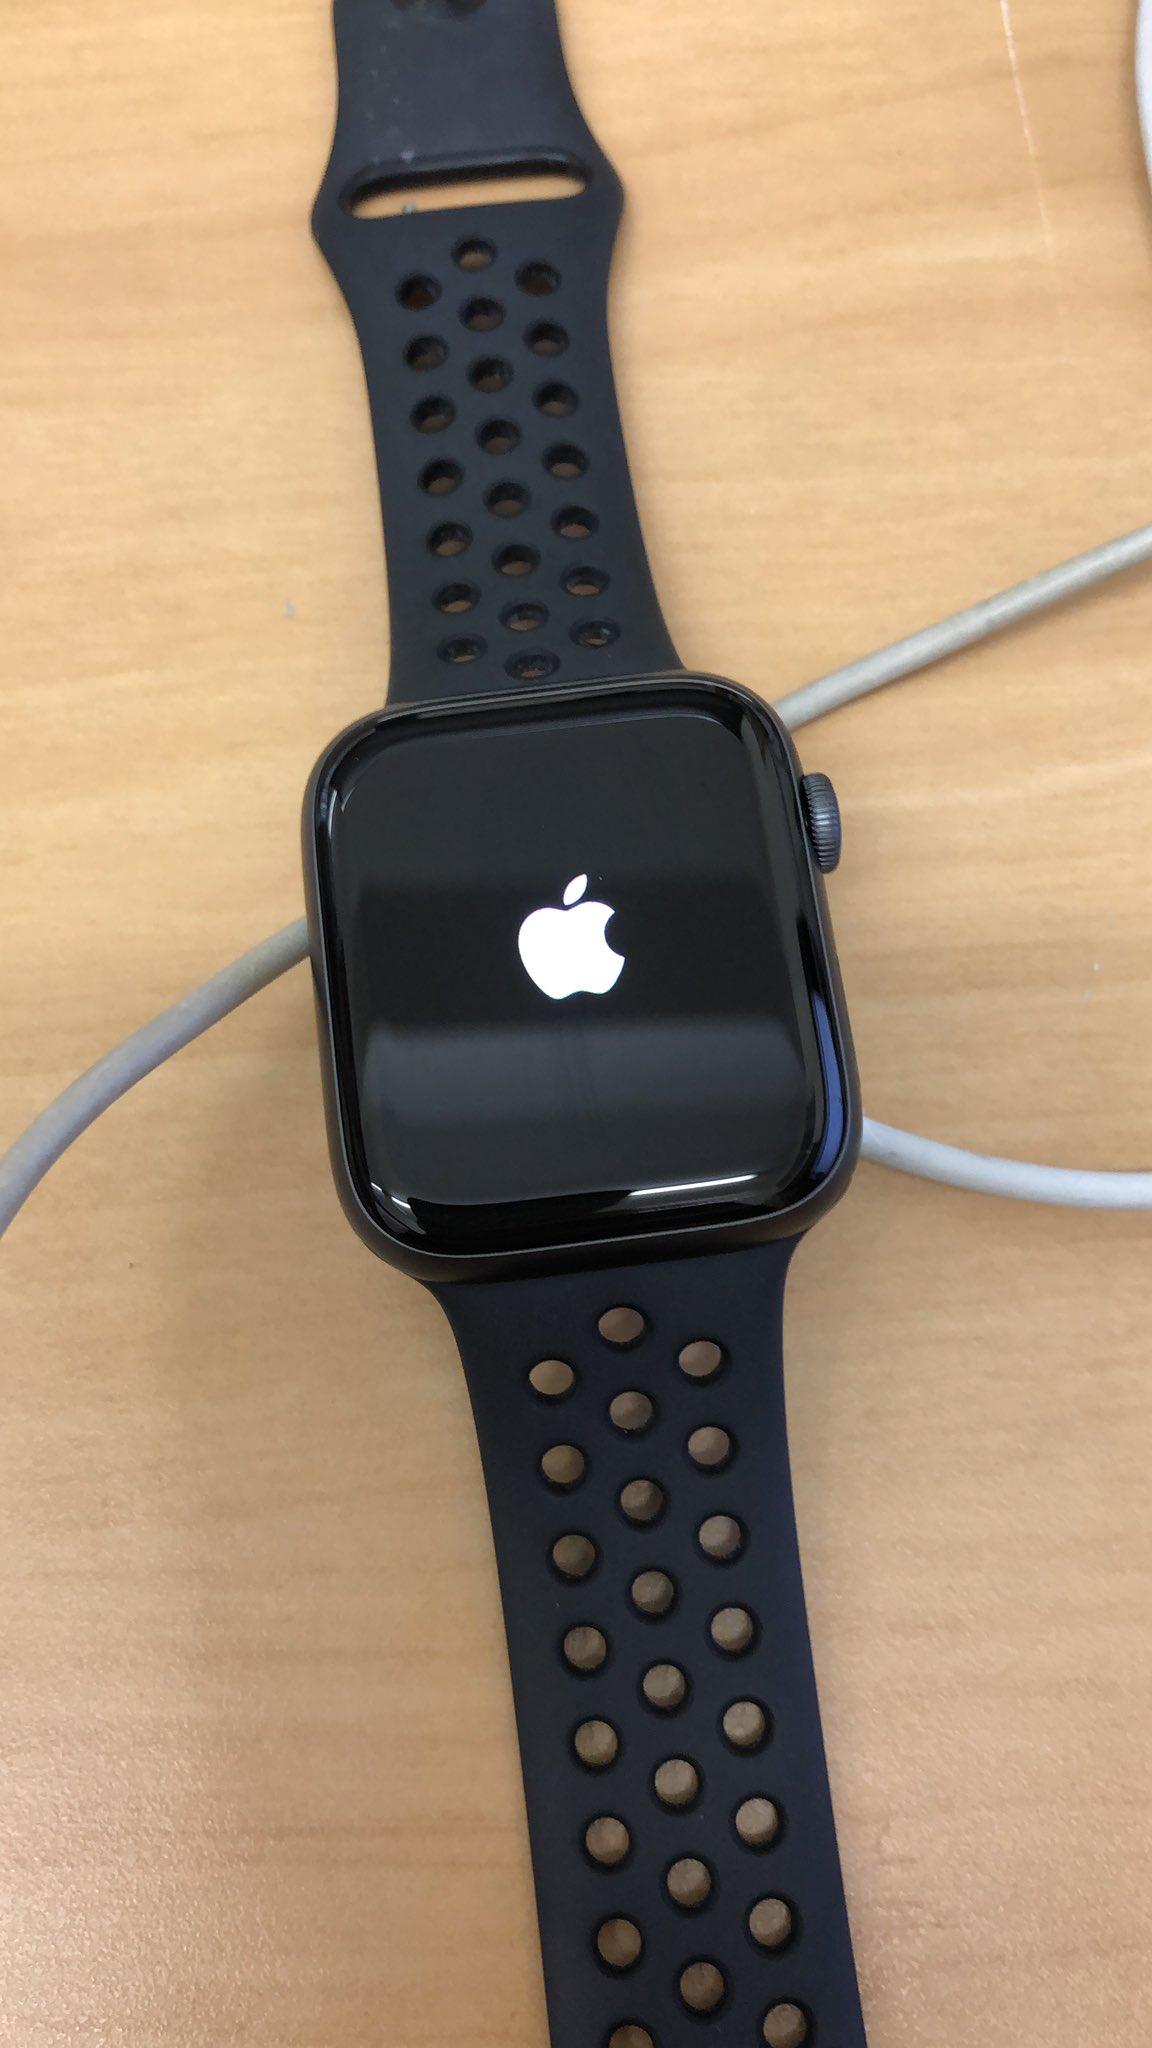 Apple Watch brickado com o watchOS 5.1